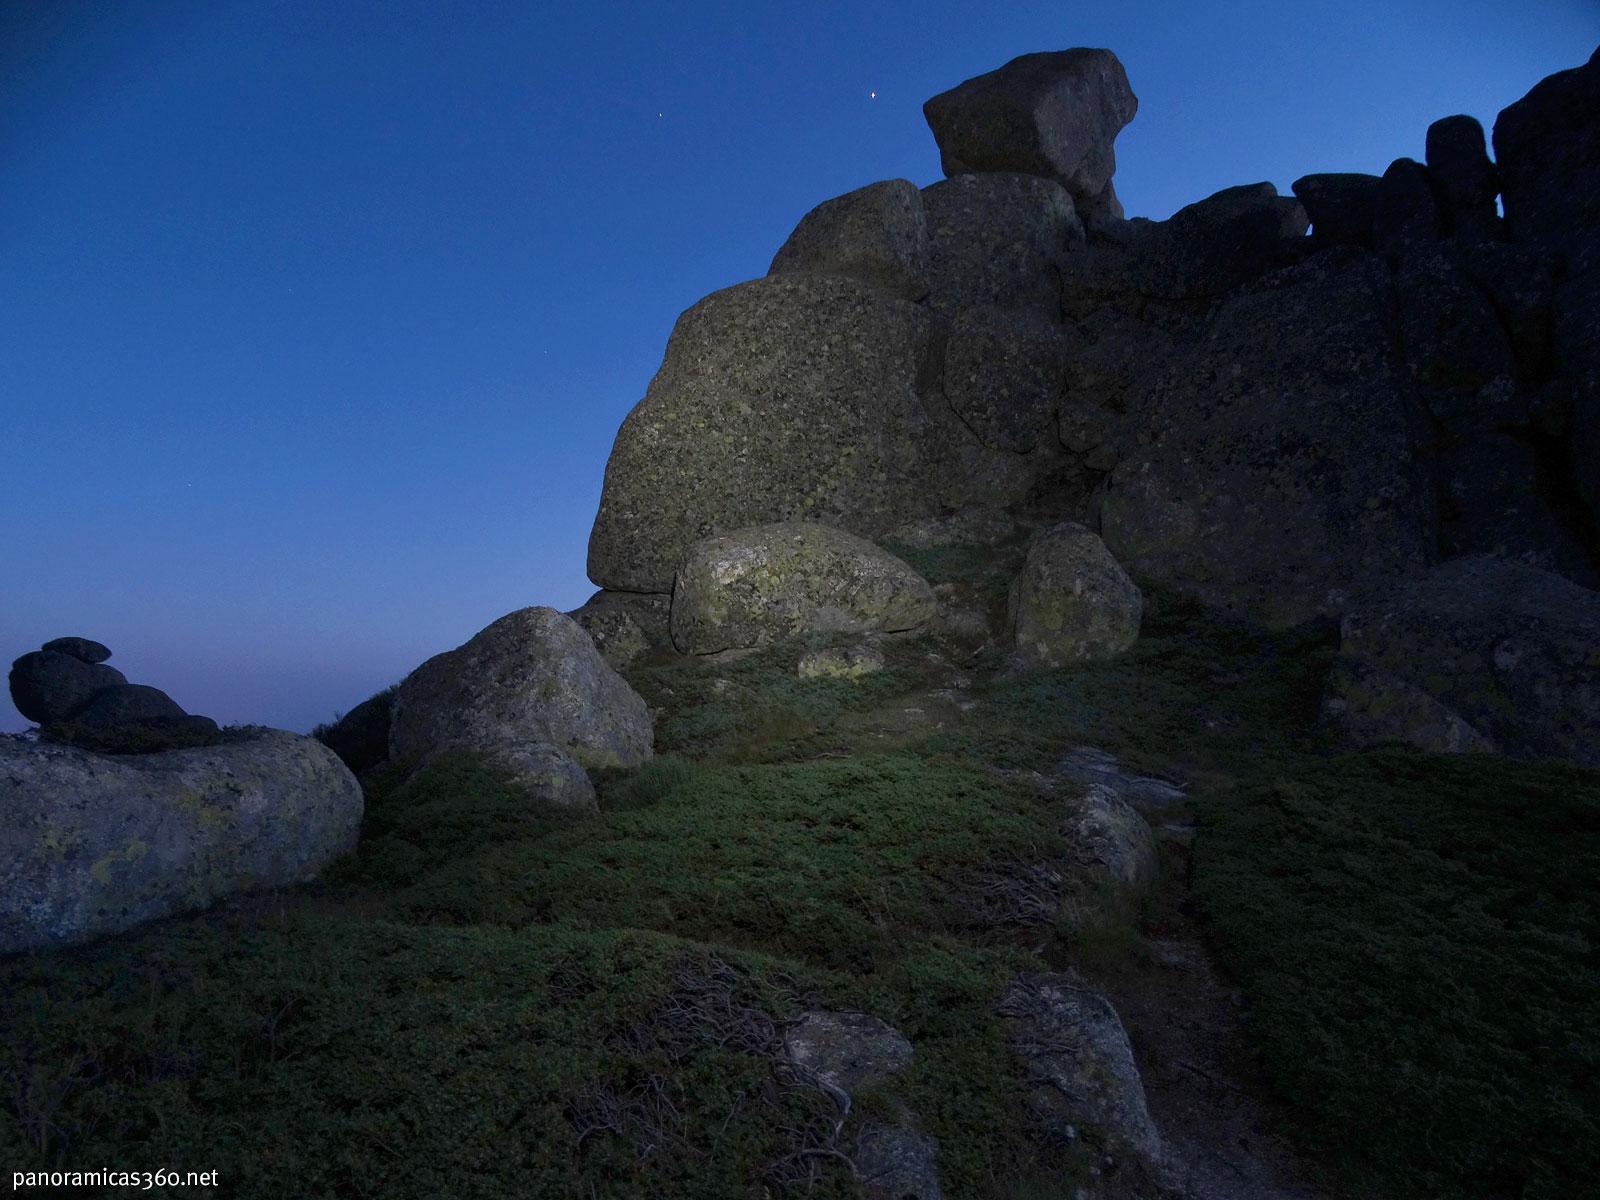 Bloque de granito que veía desde mi vivac en la Sierra de Guadarrama